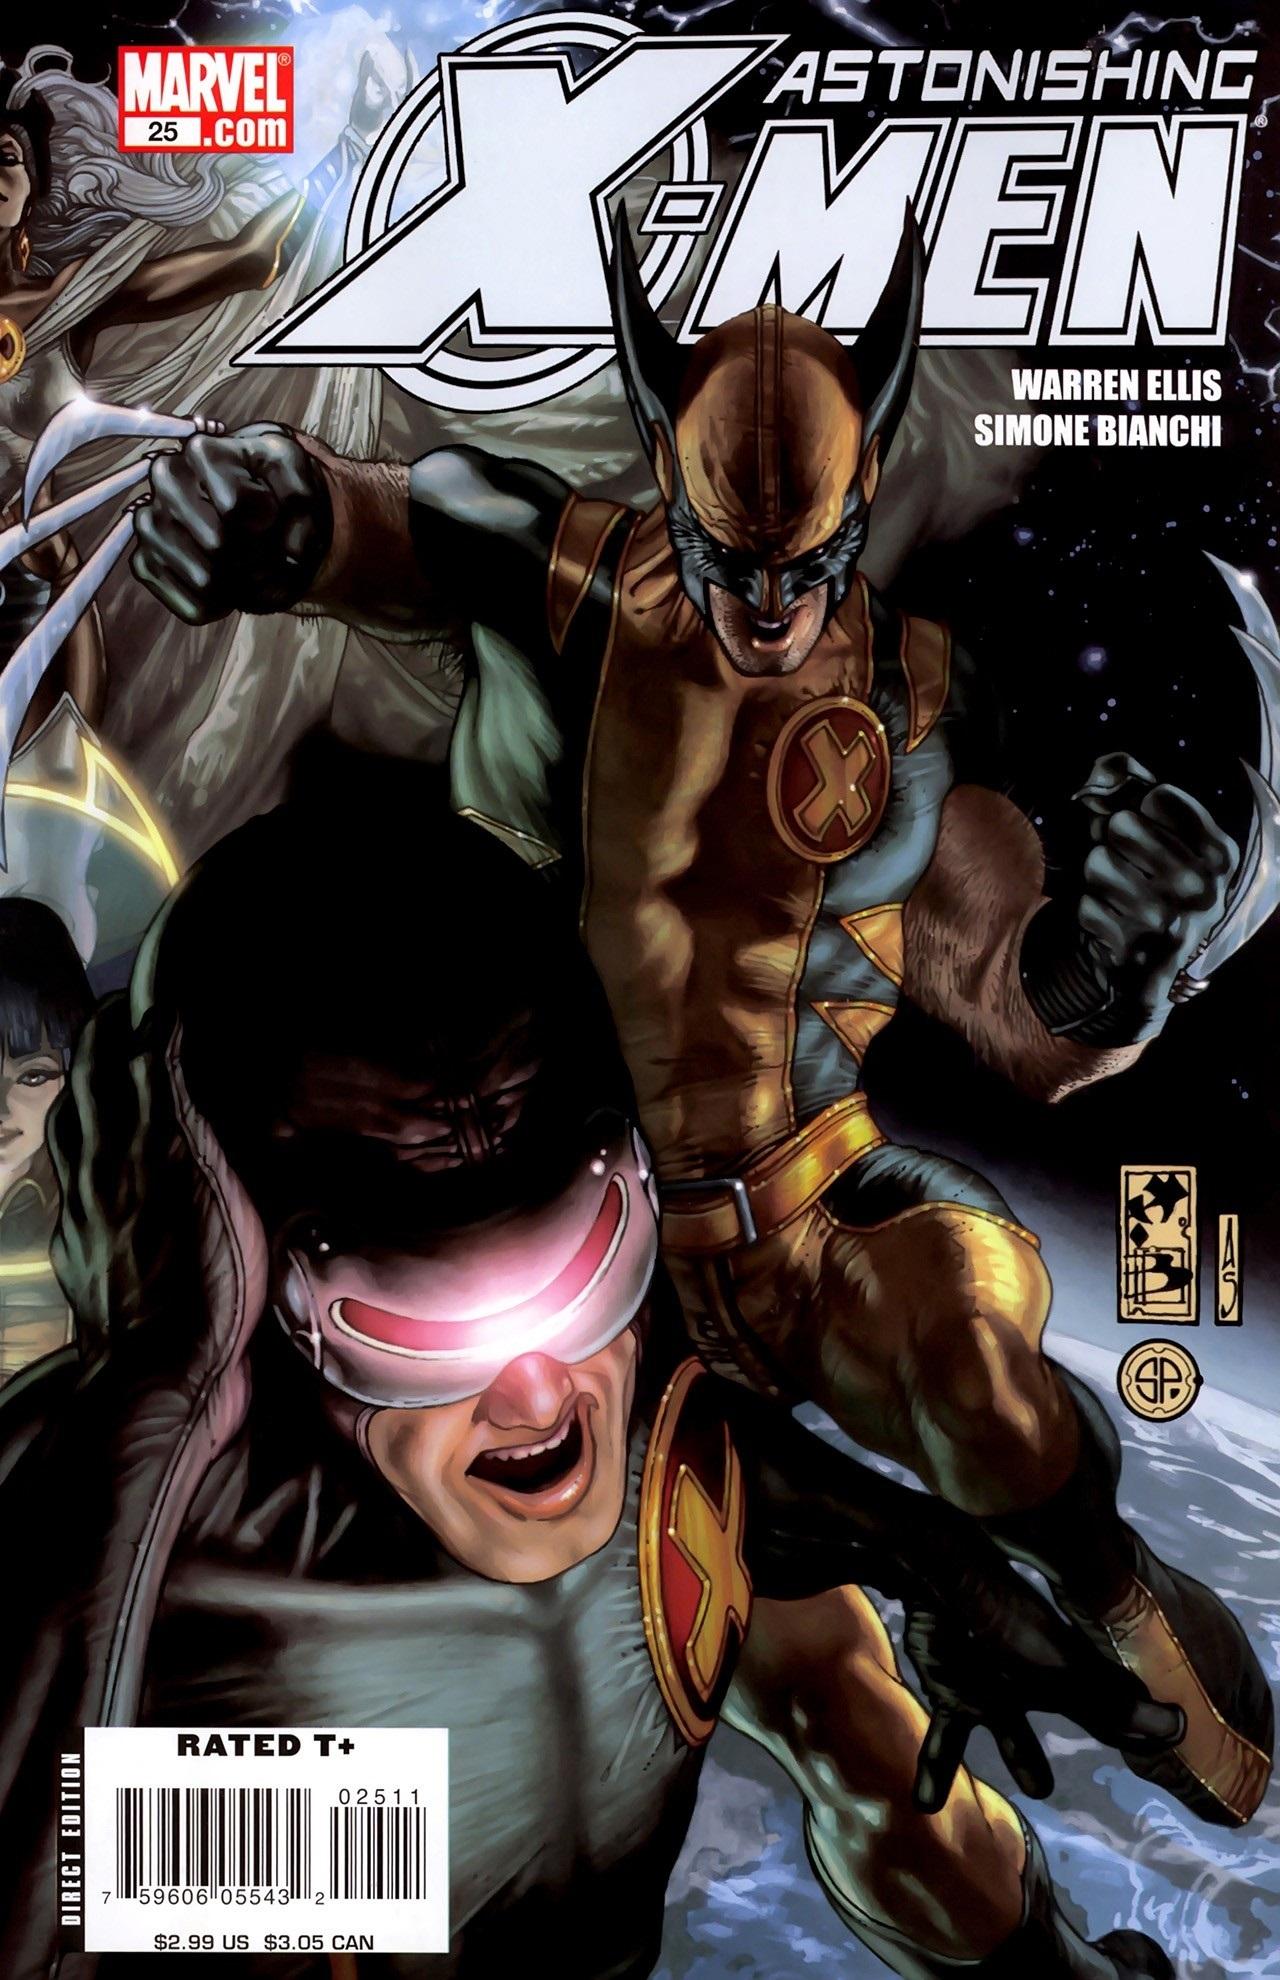 Astonishing X Men Vol 3 25